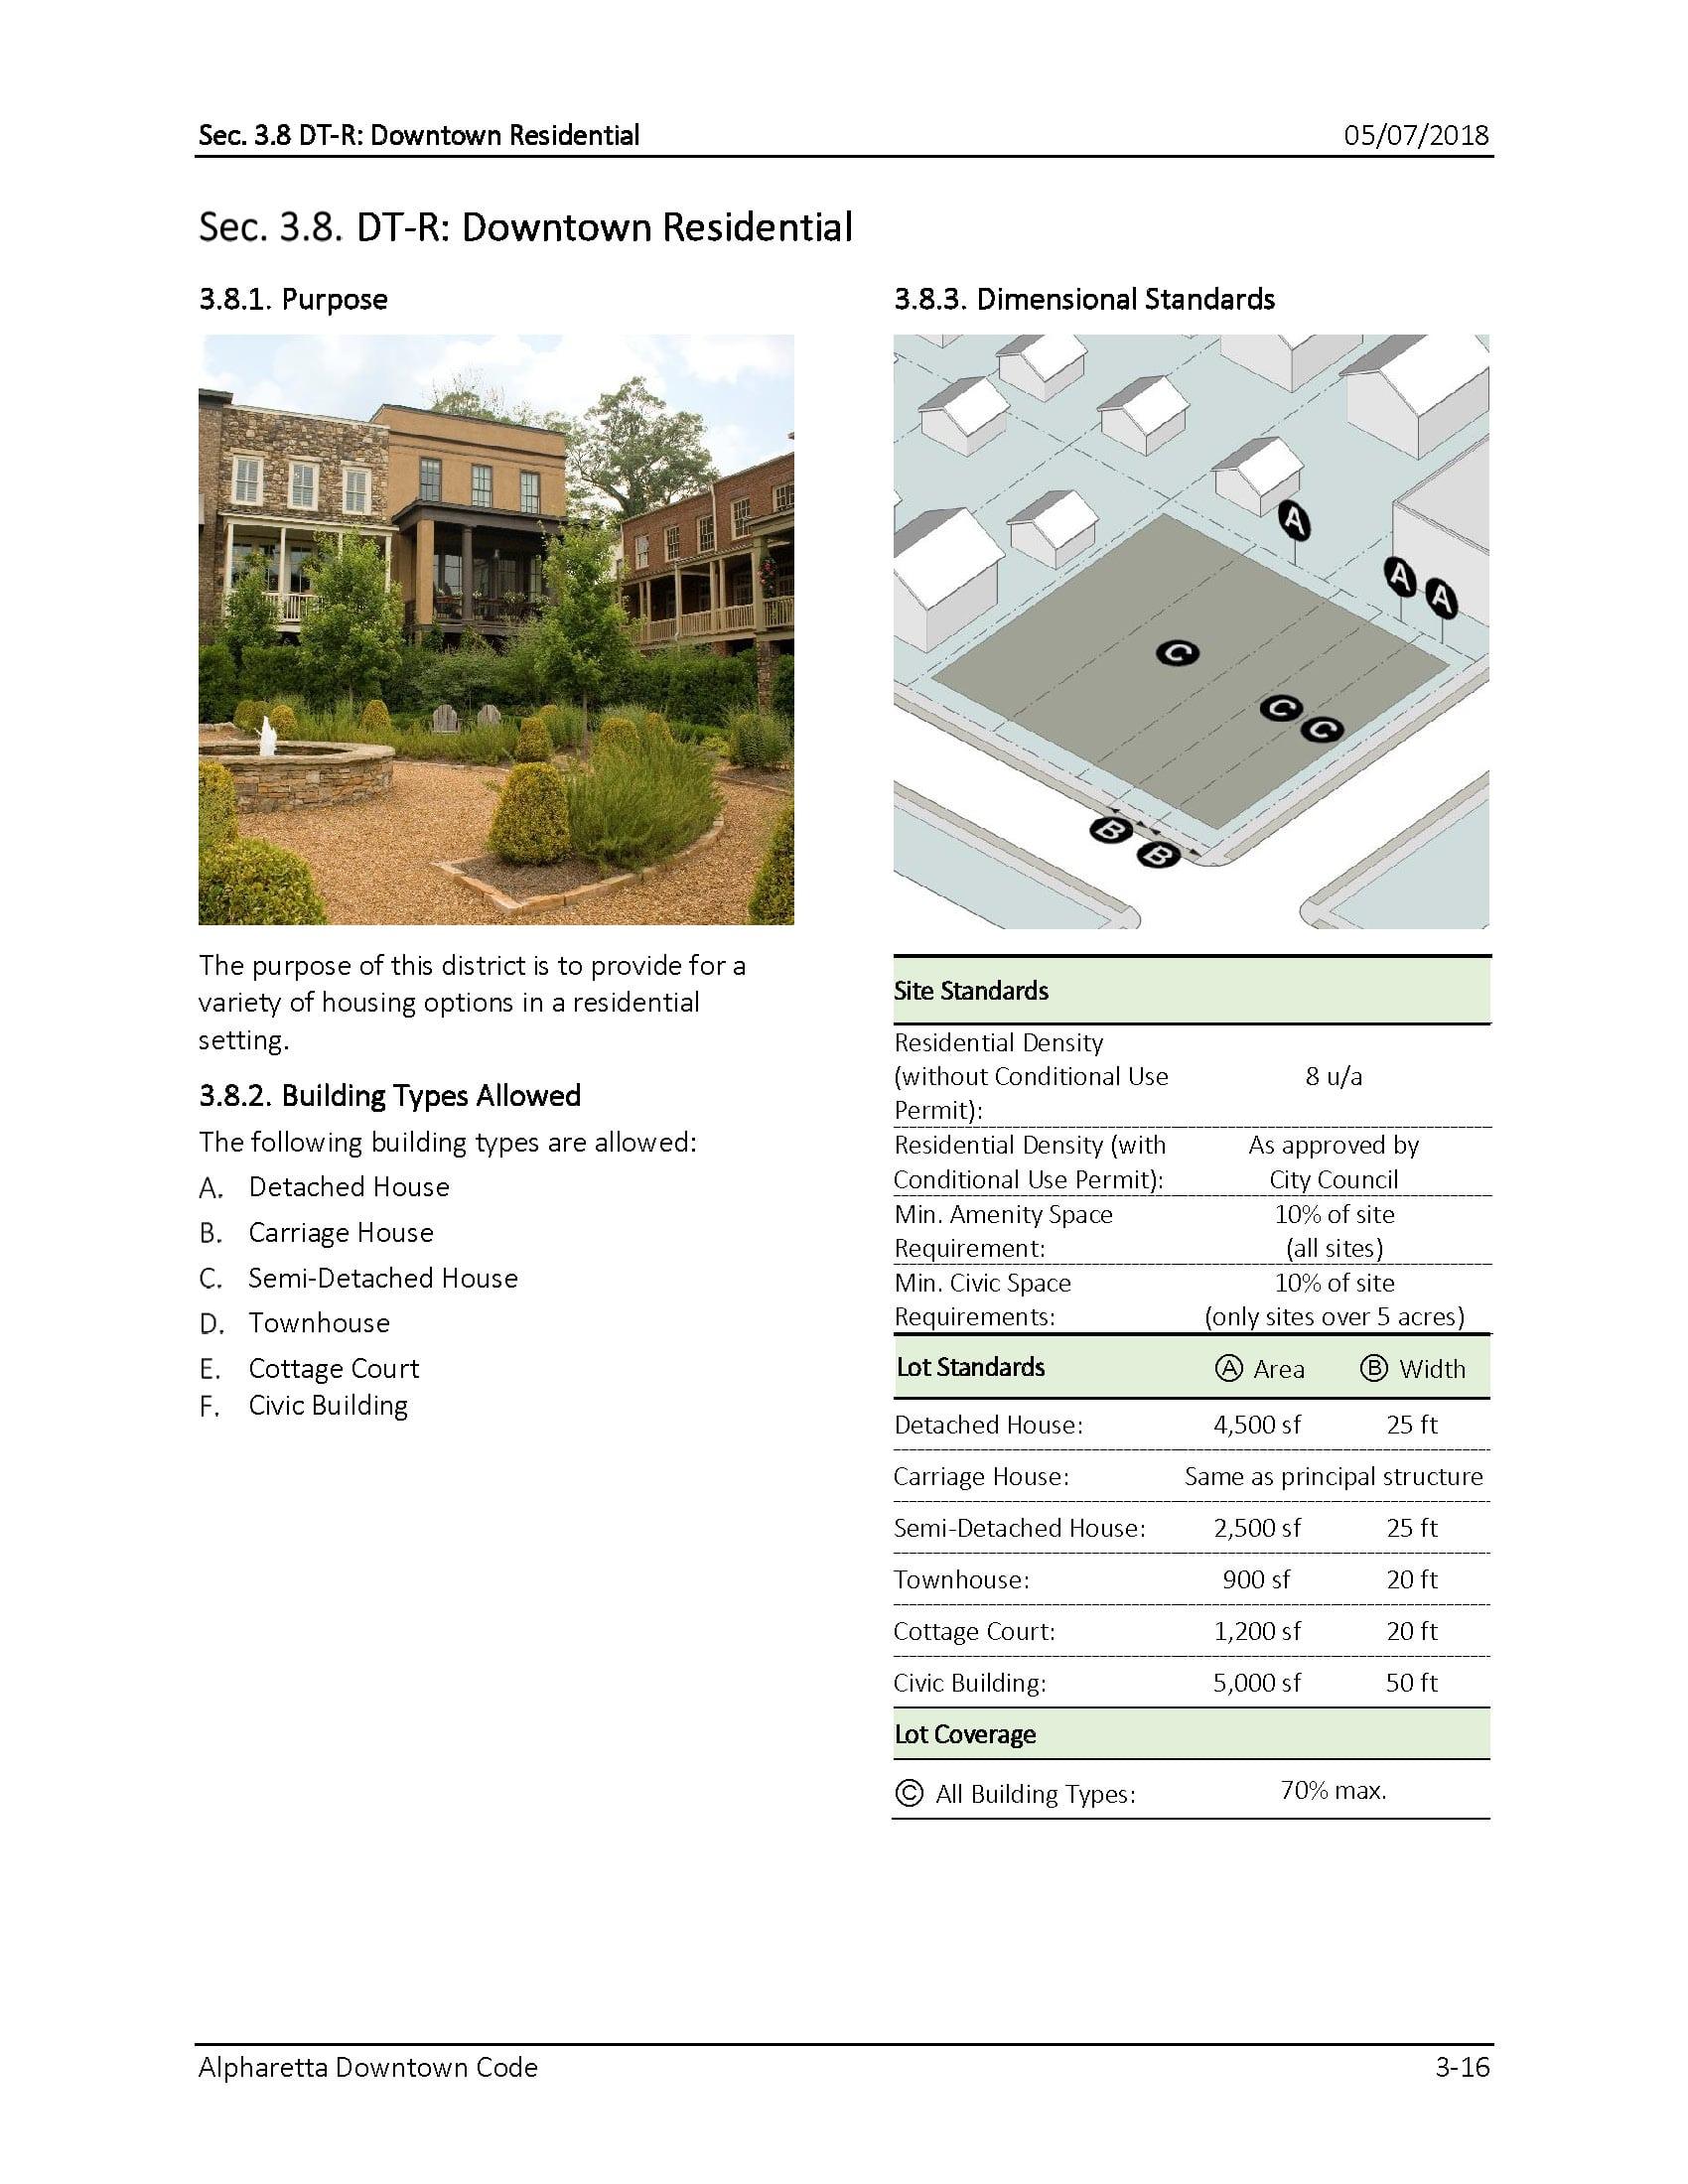 TSW AlpharettaCode-7 Alpharetta Downtown Design Guidelines    TSW